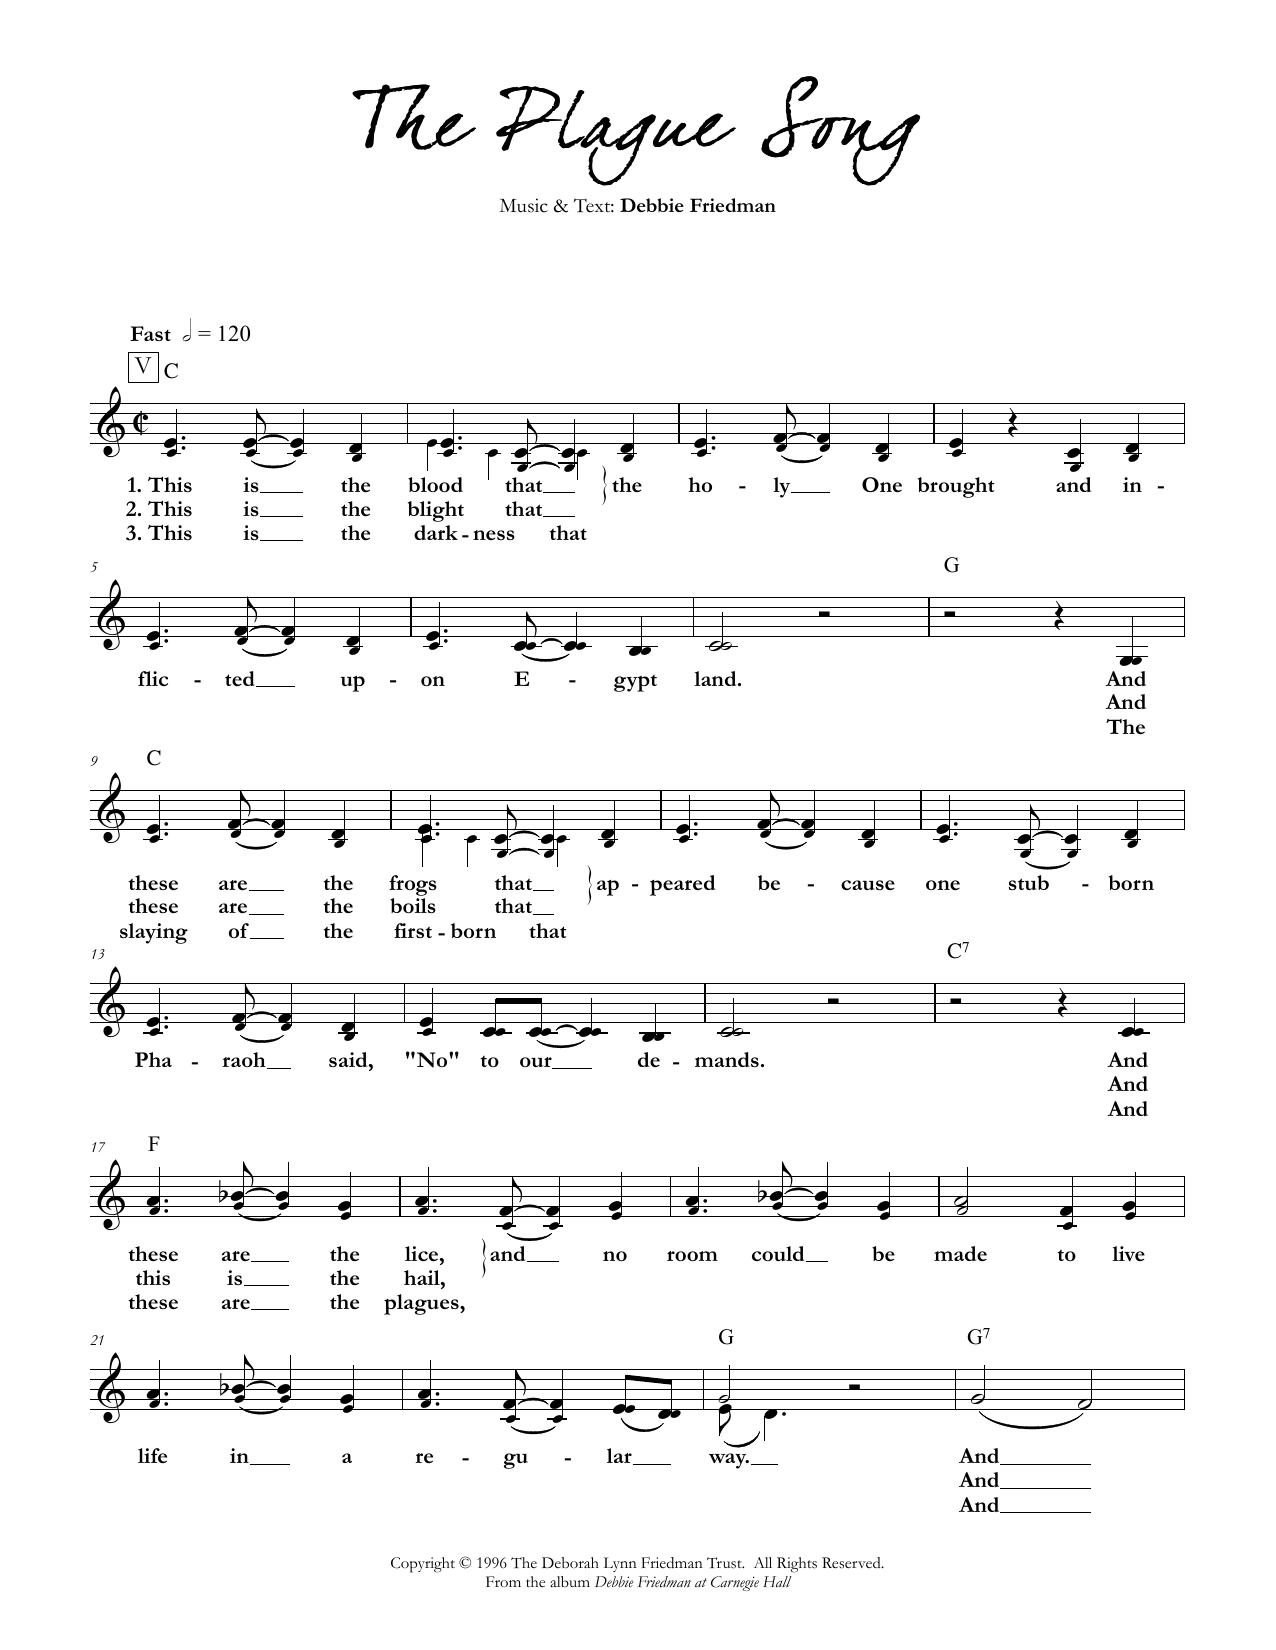 Debbie Friedman - The Plague Song